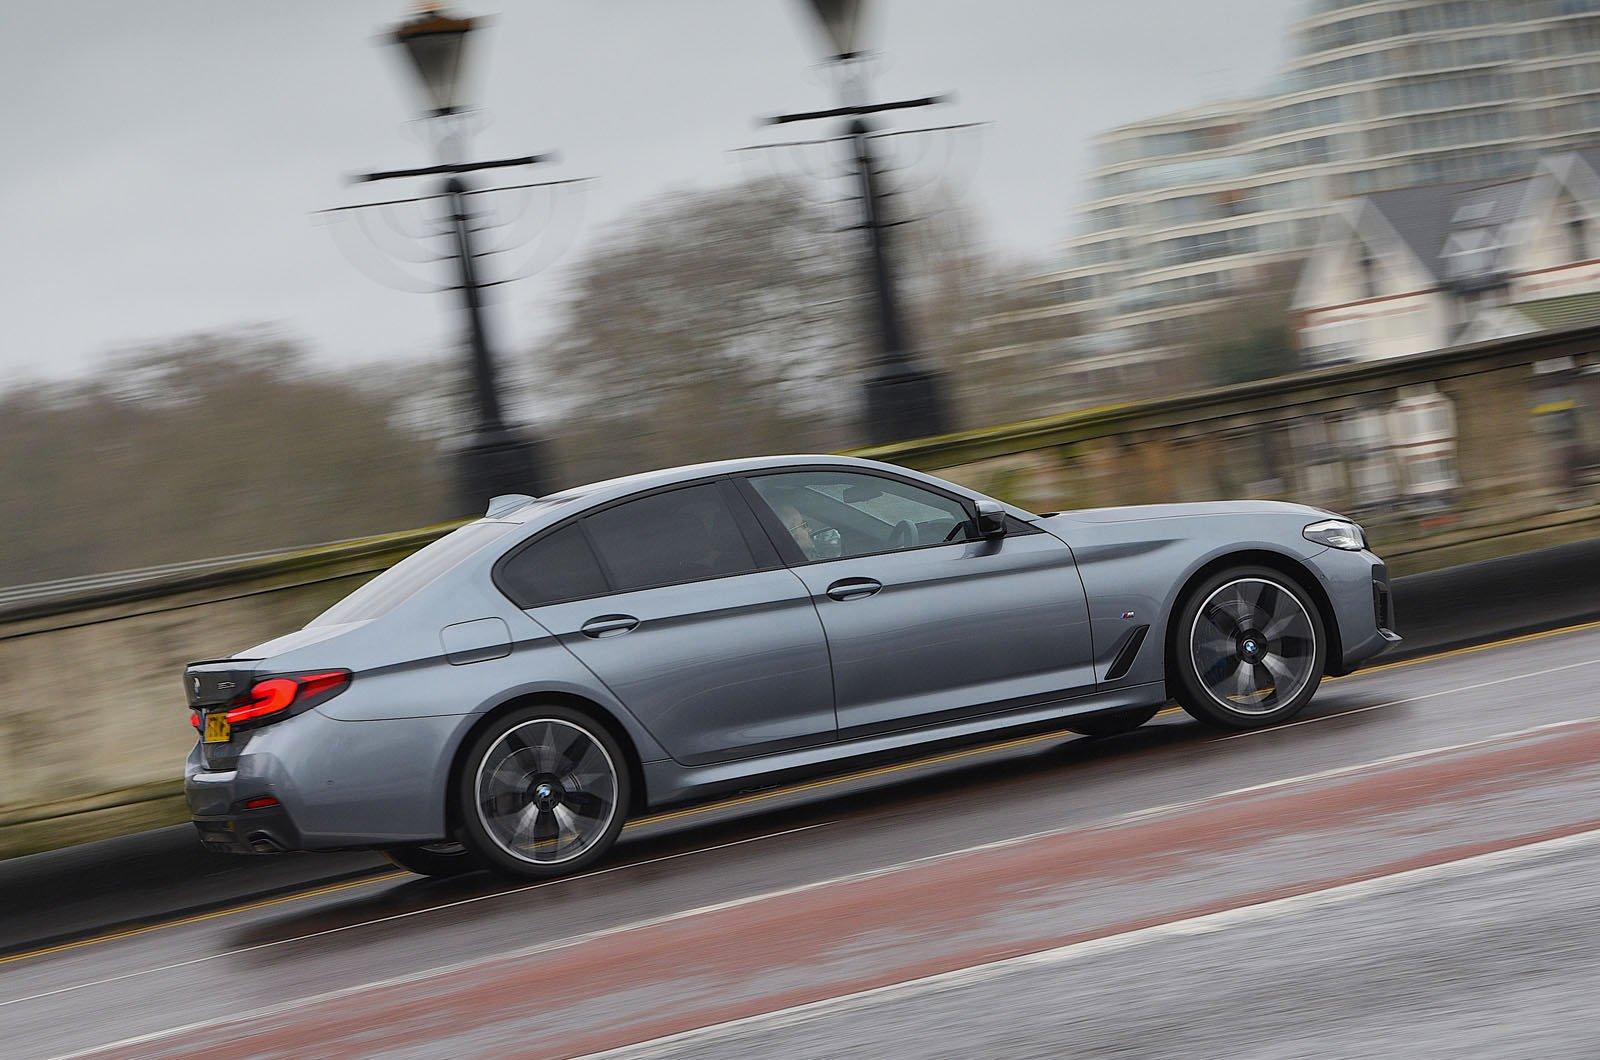 LT BMW 530e side